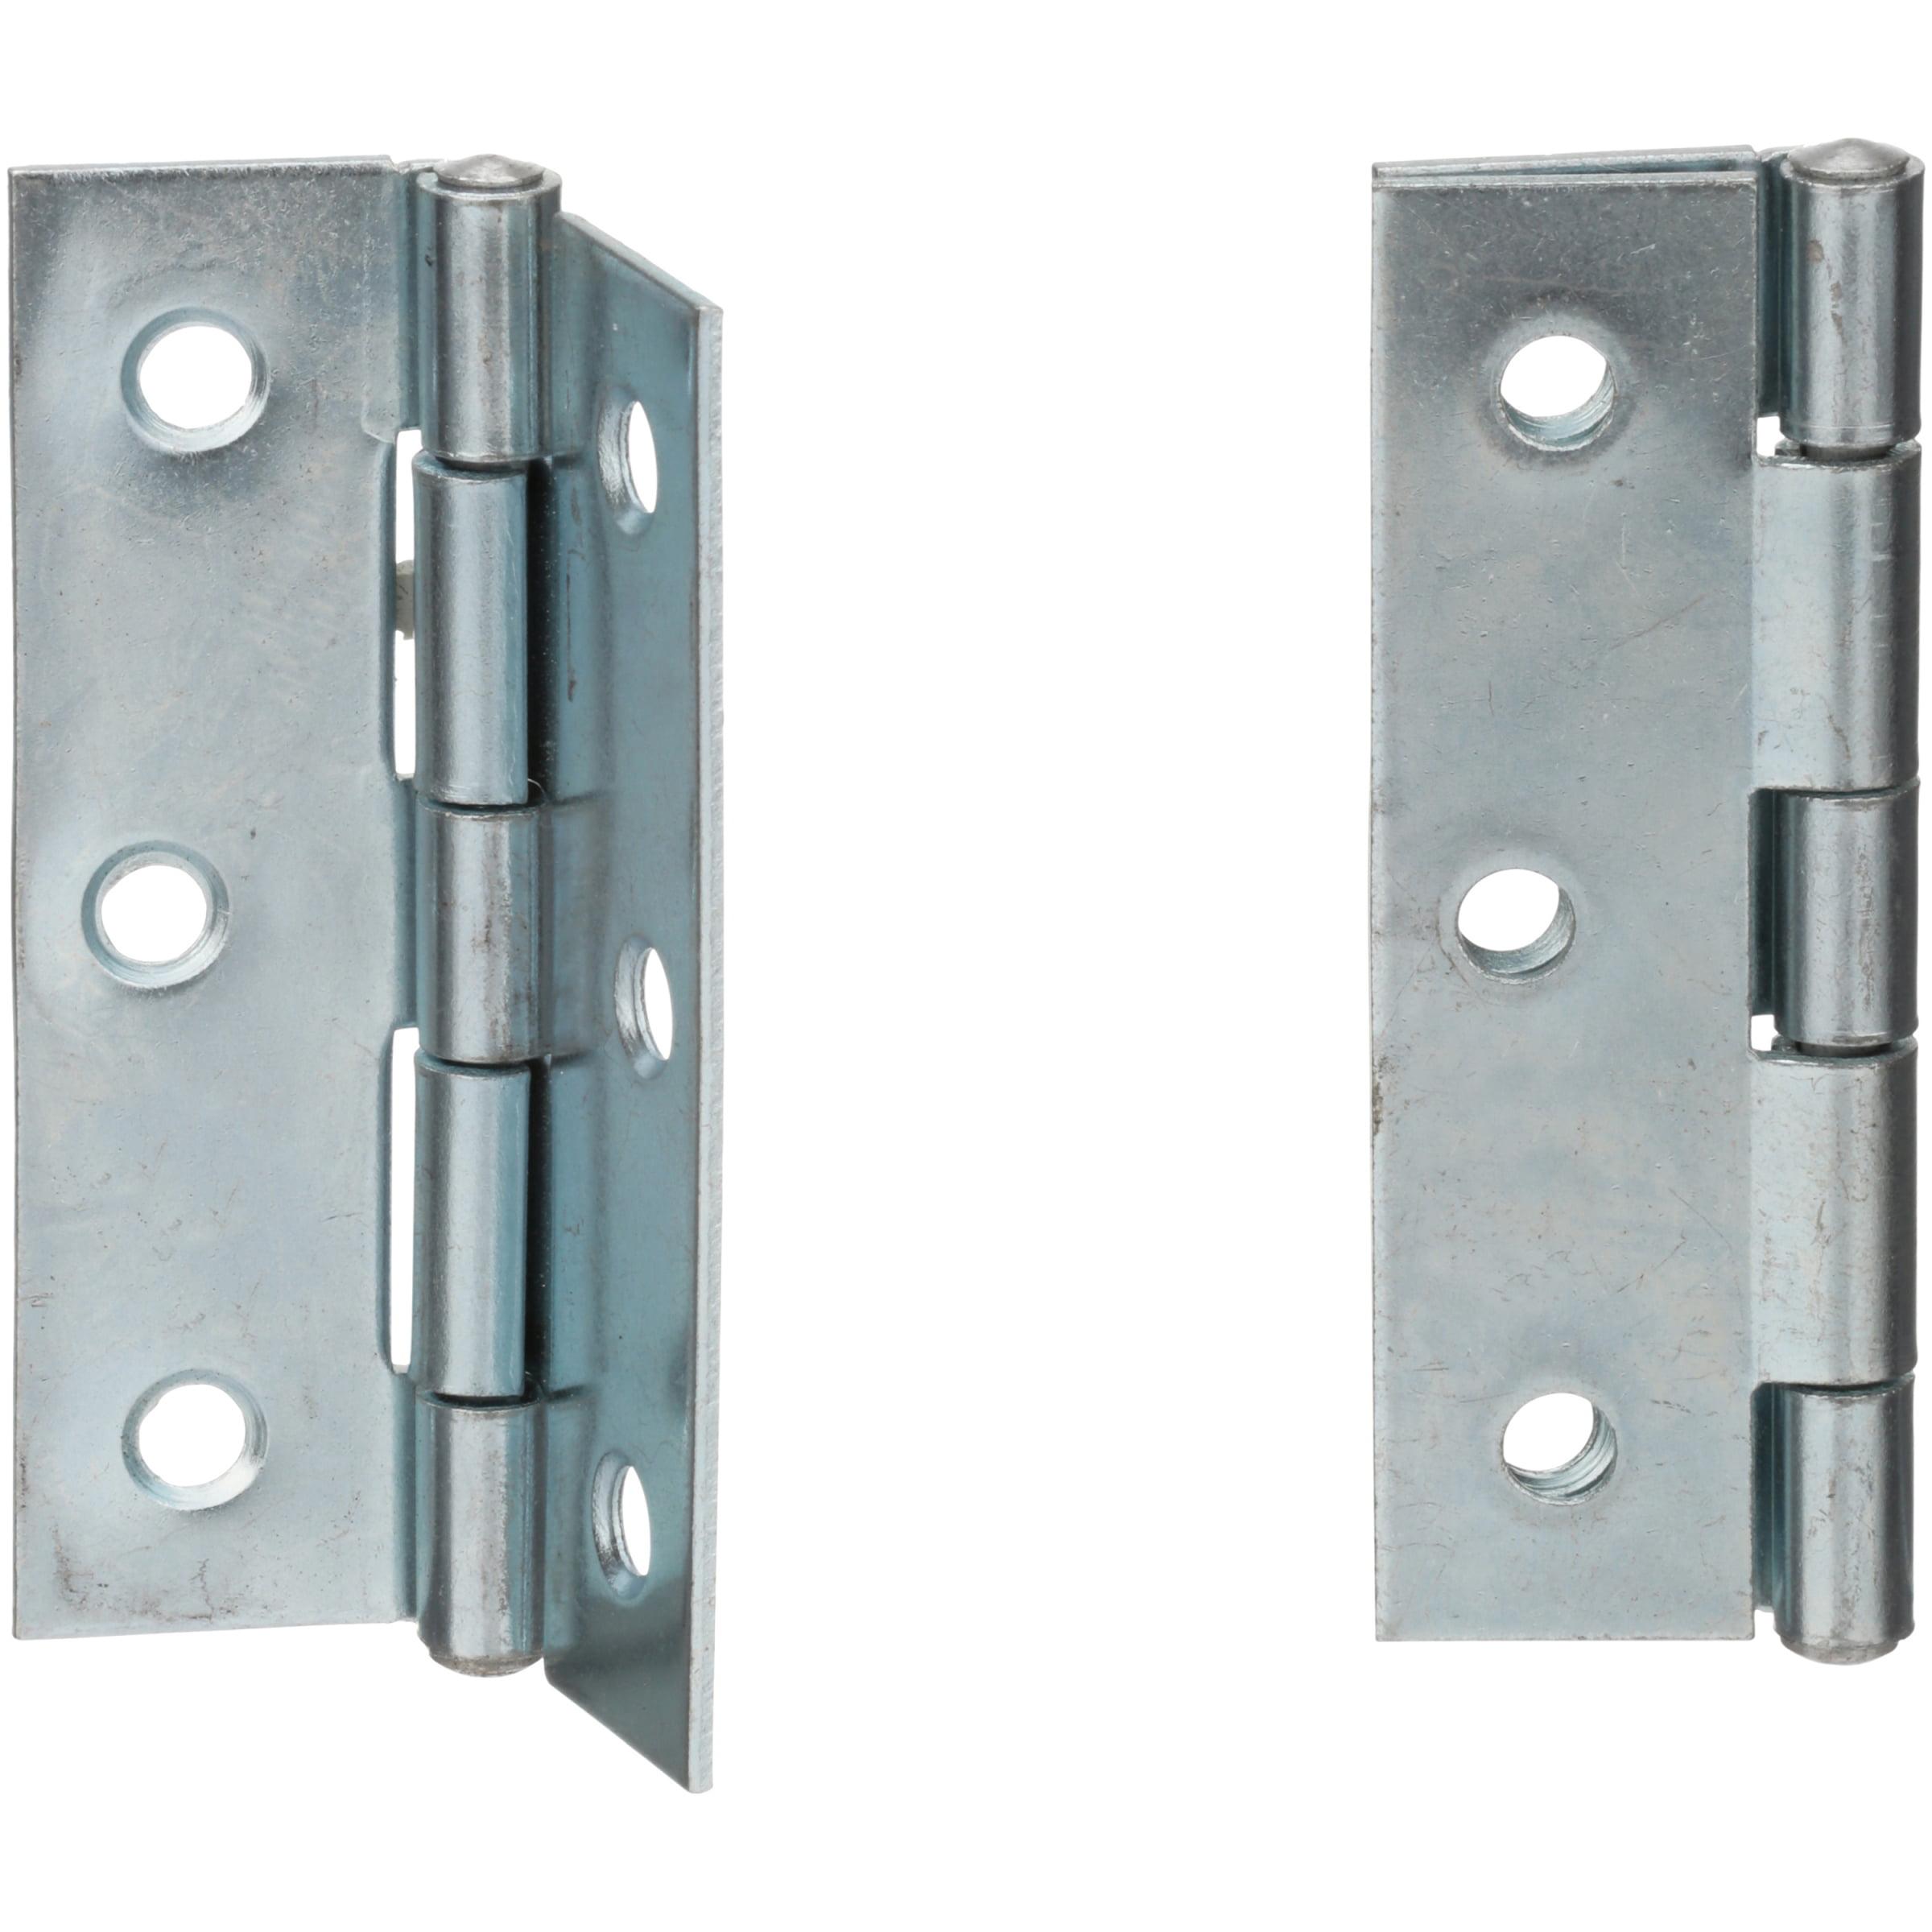 Bulldog Hardware Zinc Plated Utility Hinges 2 ct. Peg by Bulldog® Hardware